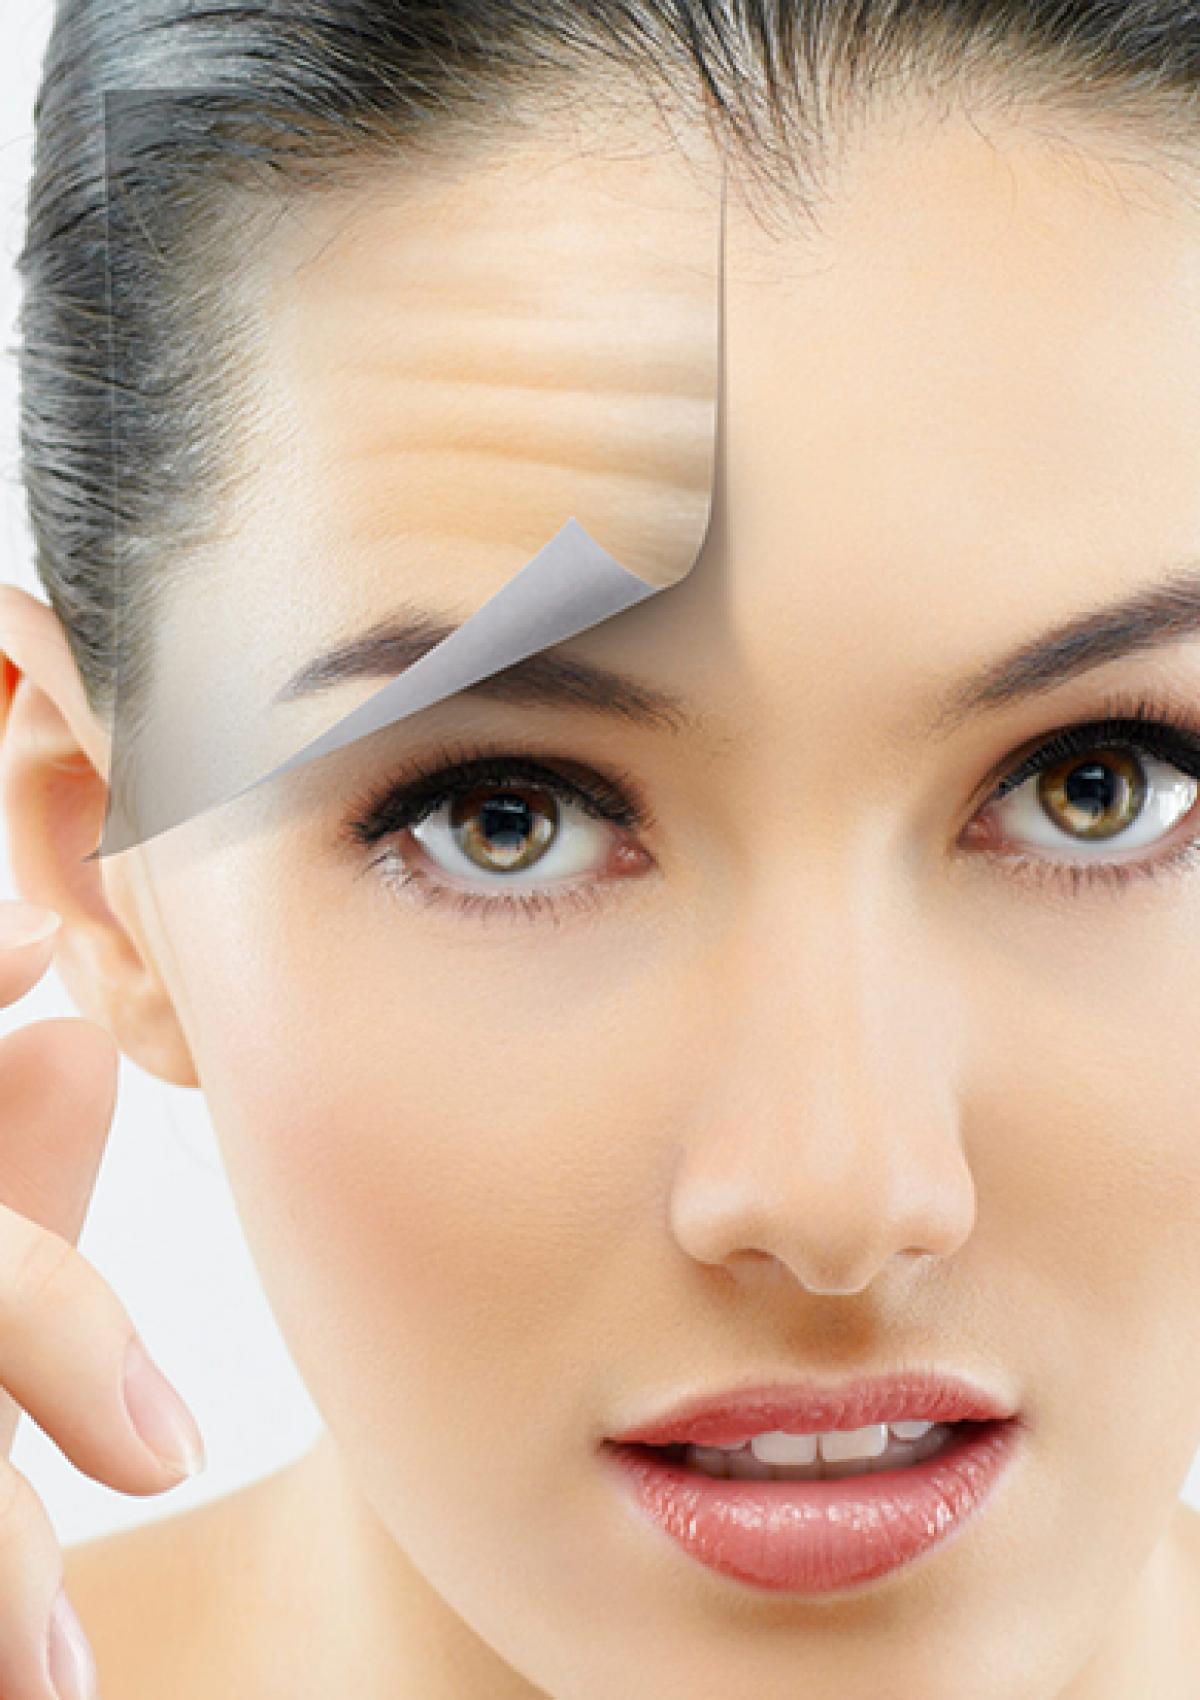 Hình ảnh khách hàng thẩm mỹ nhấn mí - cắt mắt